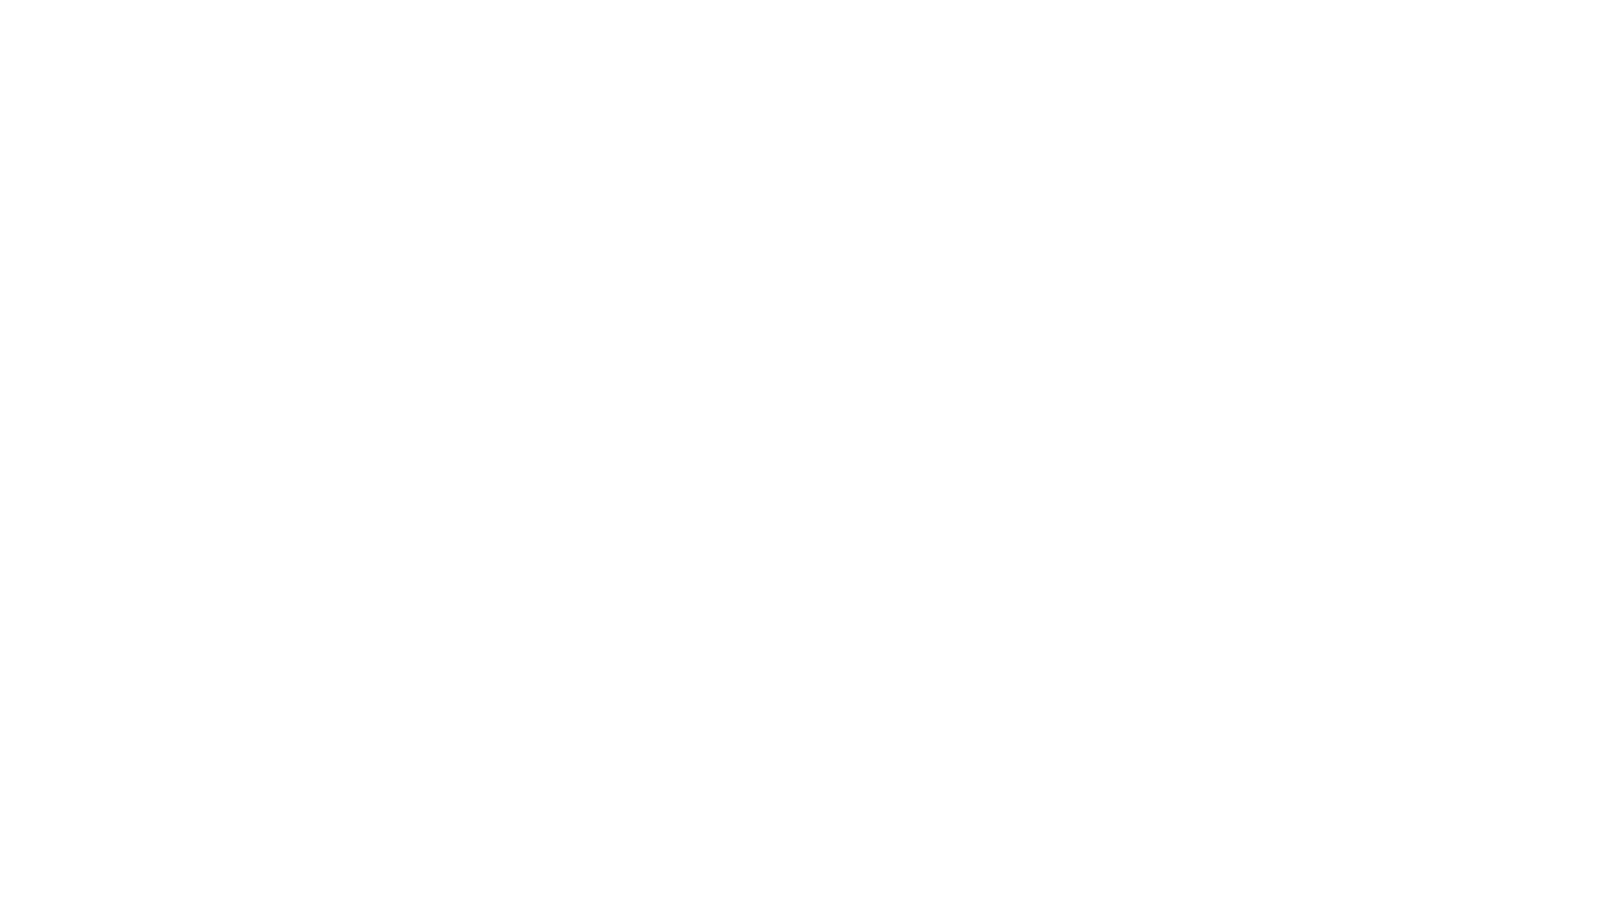 """Cuando en España los muertos se suman por miles y los hambrientos, ya, por millones, se hace patente que el establishment (aunque parezca mentira, esta palabreja anglosajona está en el diccionario de la RAE) sigue """"en la Luna de Valencia"""", que la oligarquía de partidos, una vez más, es la traición al pueblo de España y que sólo se protege y defiende a sí misma y sus prerrogativas."""